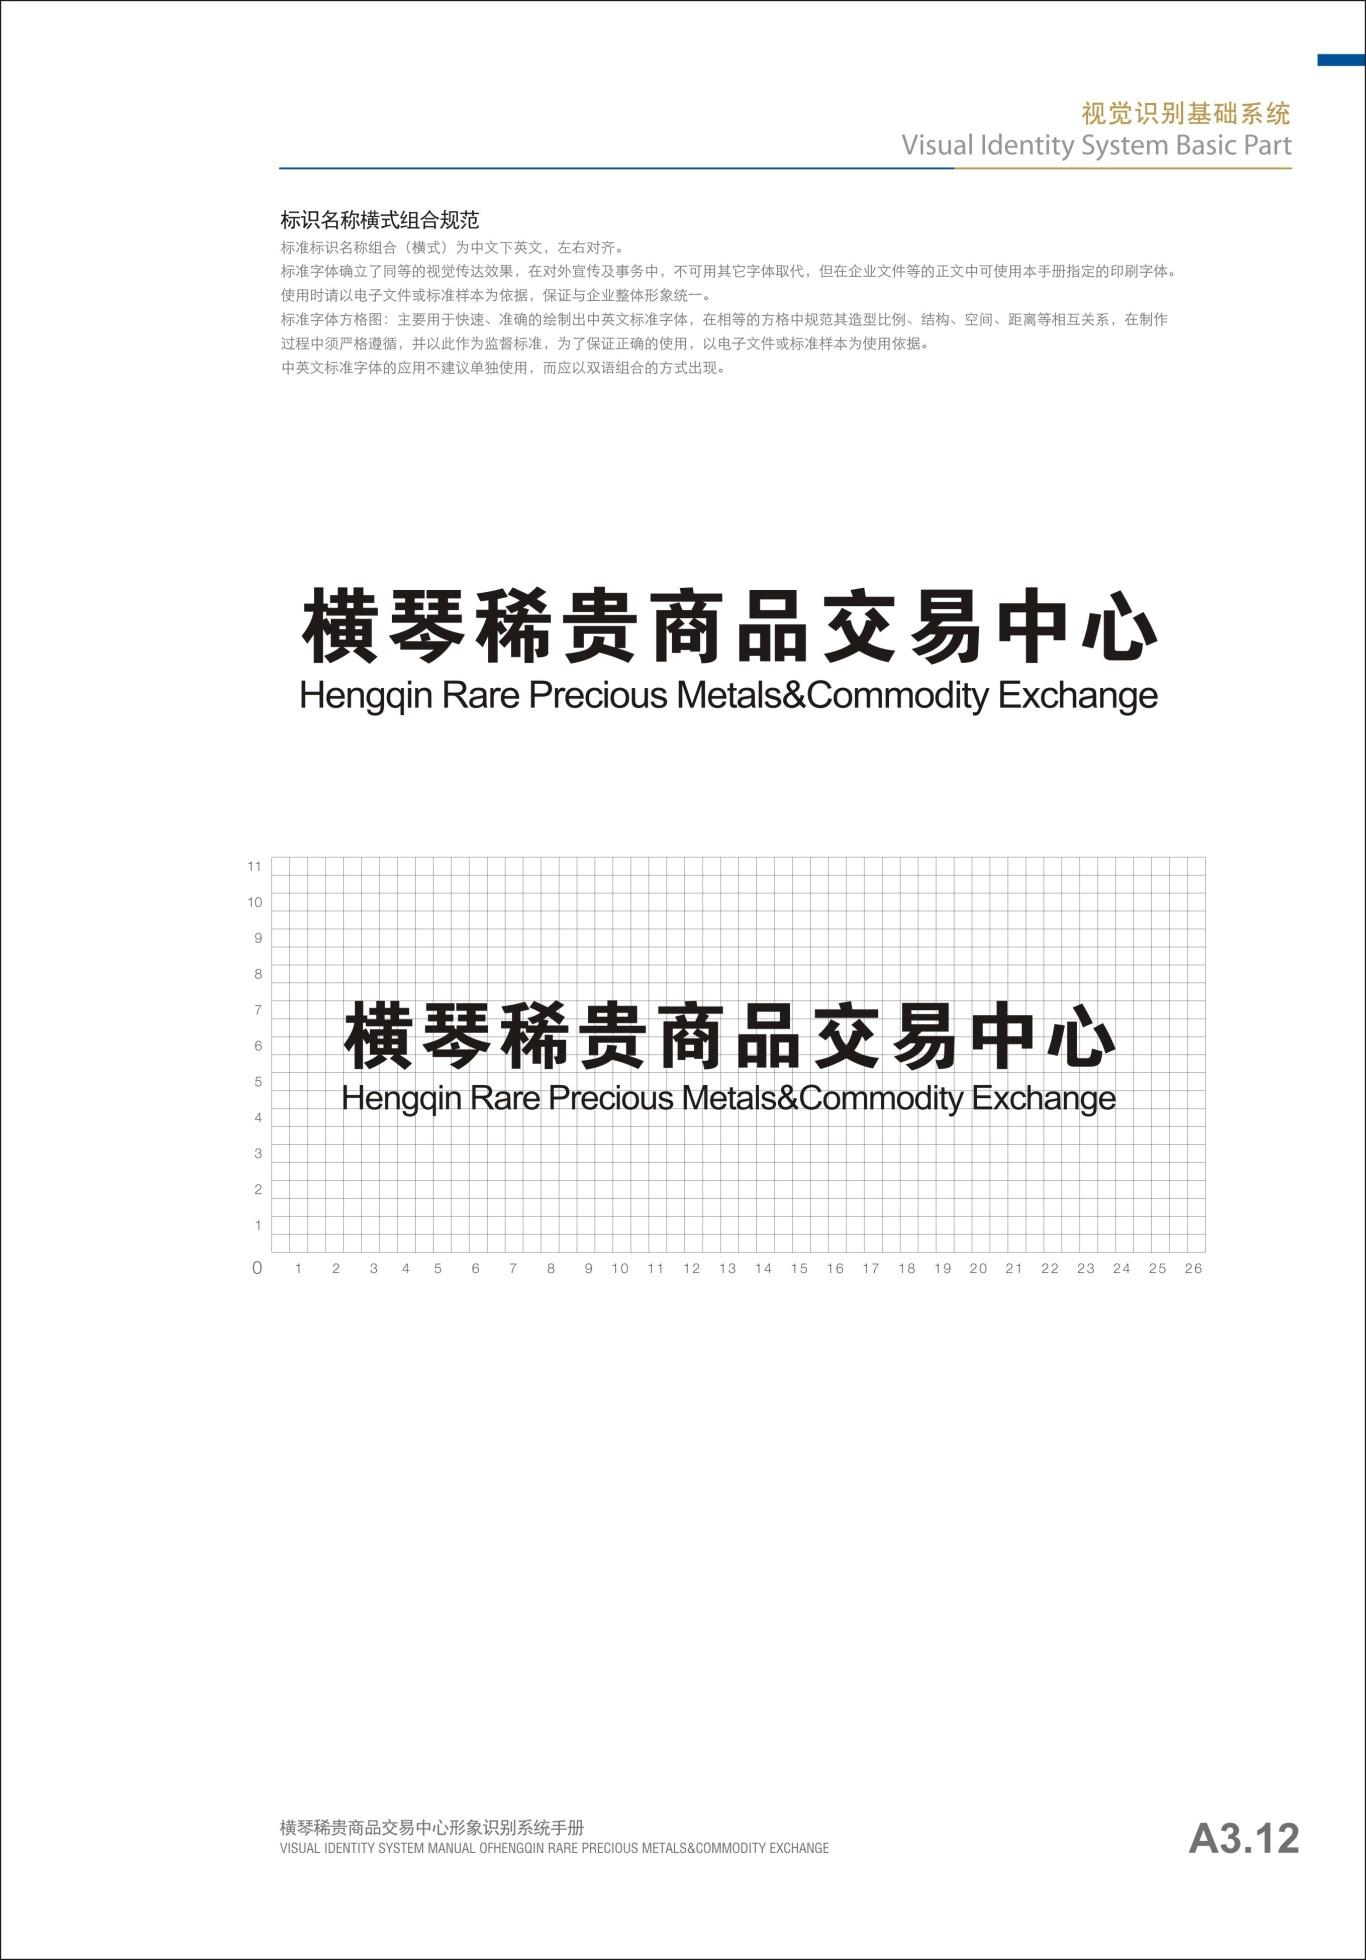 贵金属行业横琴稀贵VI手册设计图4